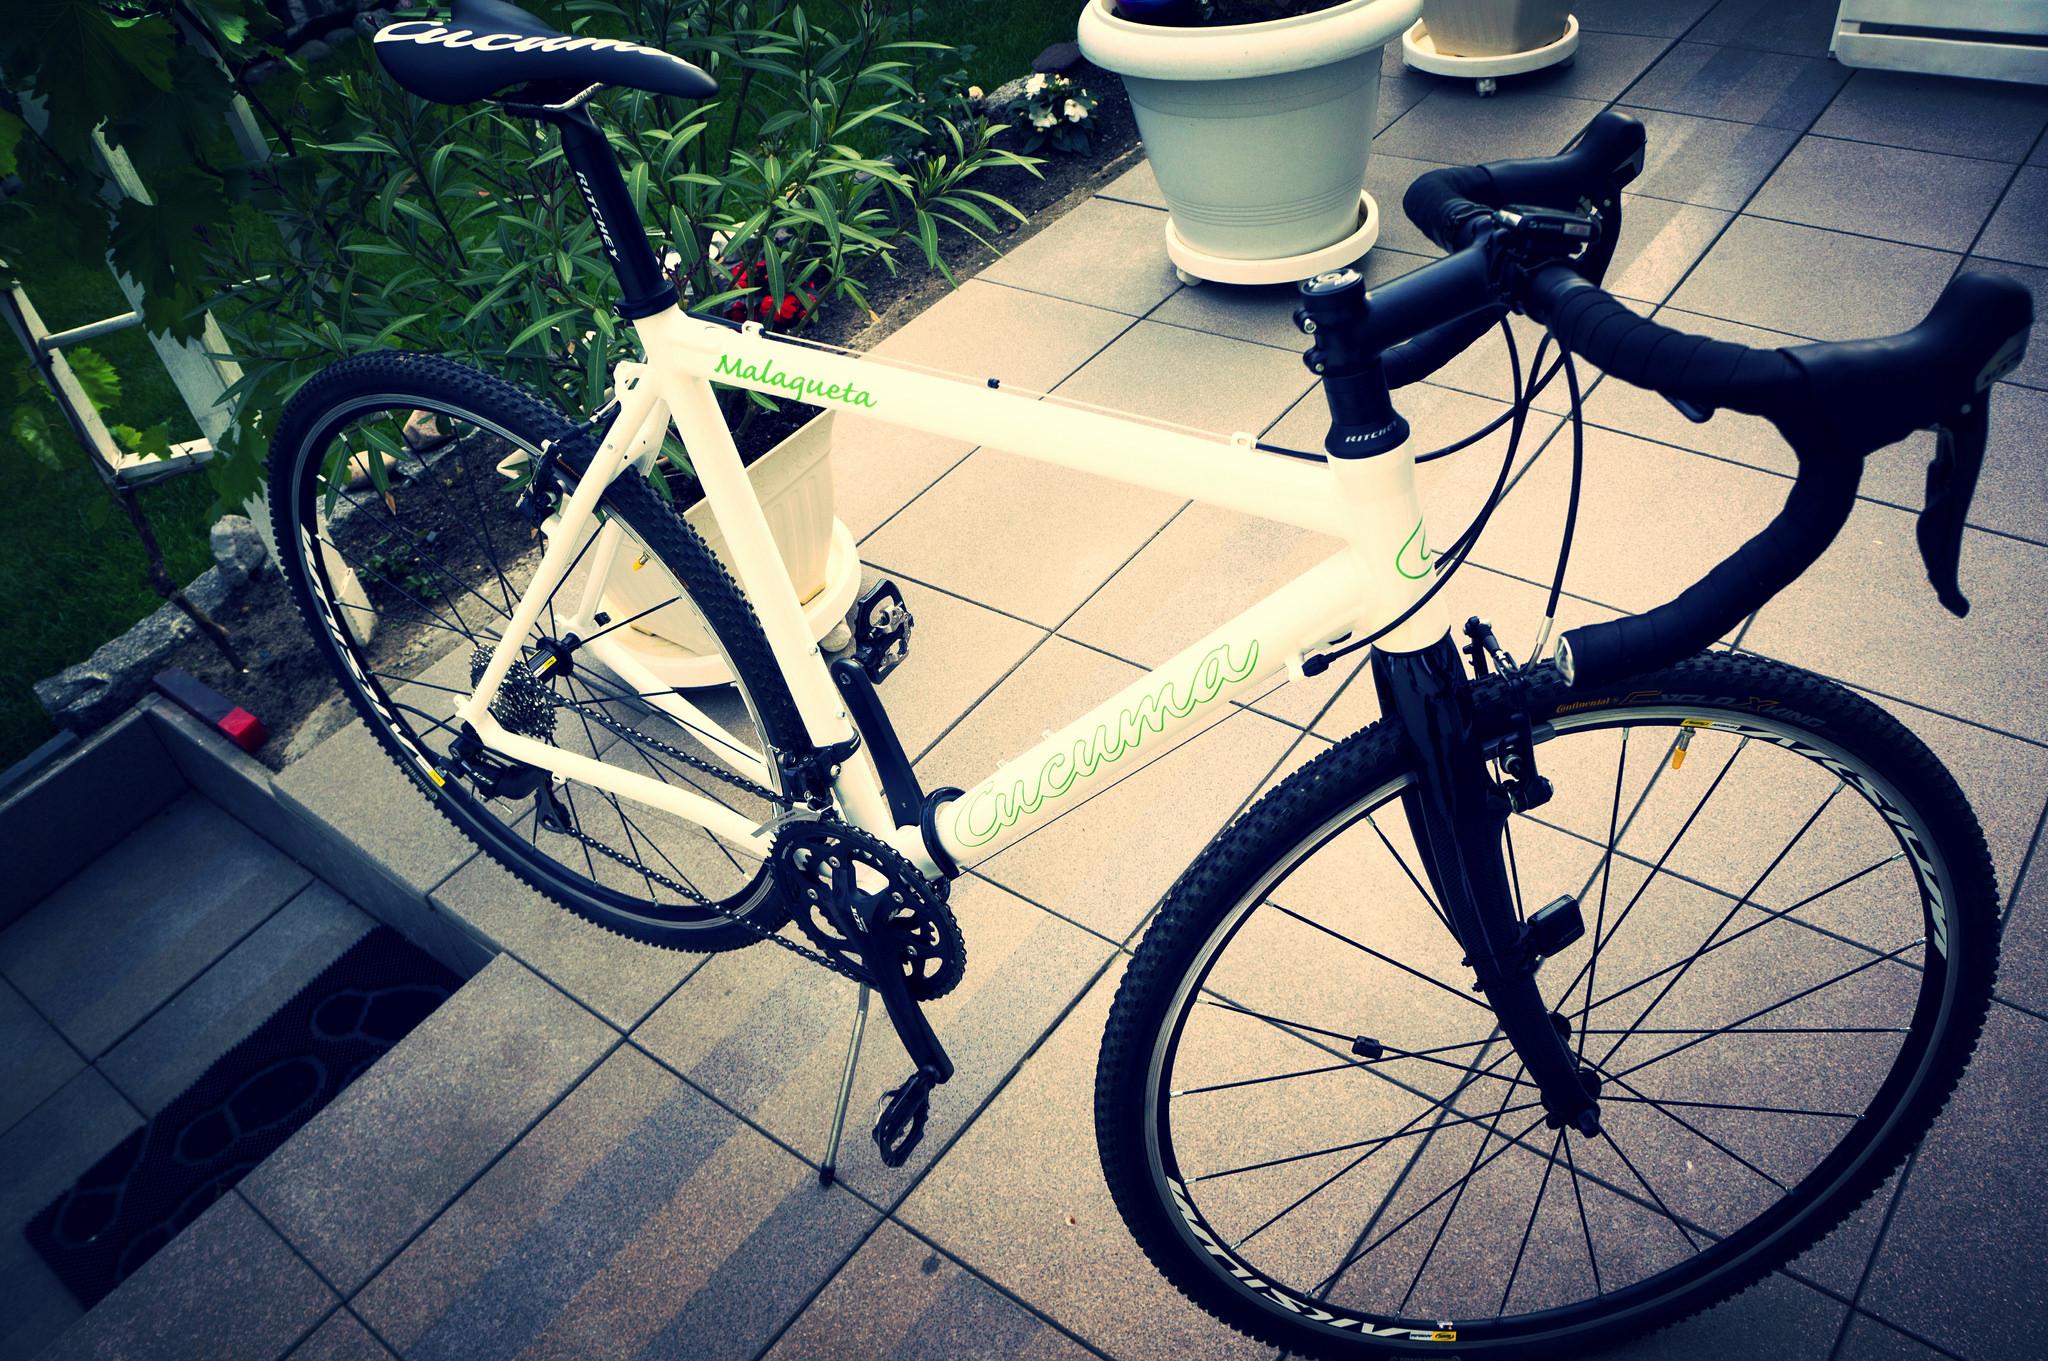 Erfahrungsbericht – Cucuma Malagueta (Cyclocross)